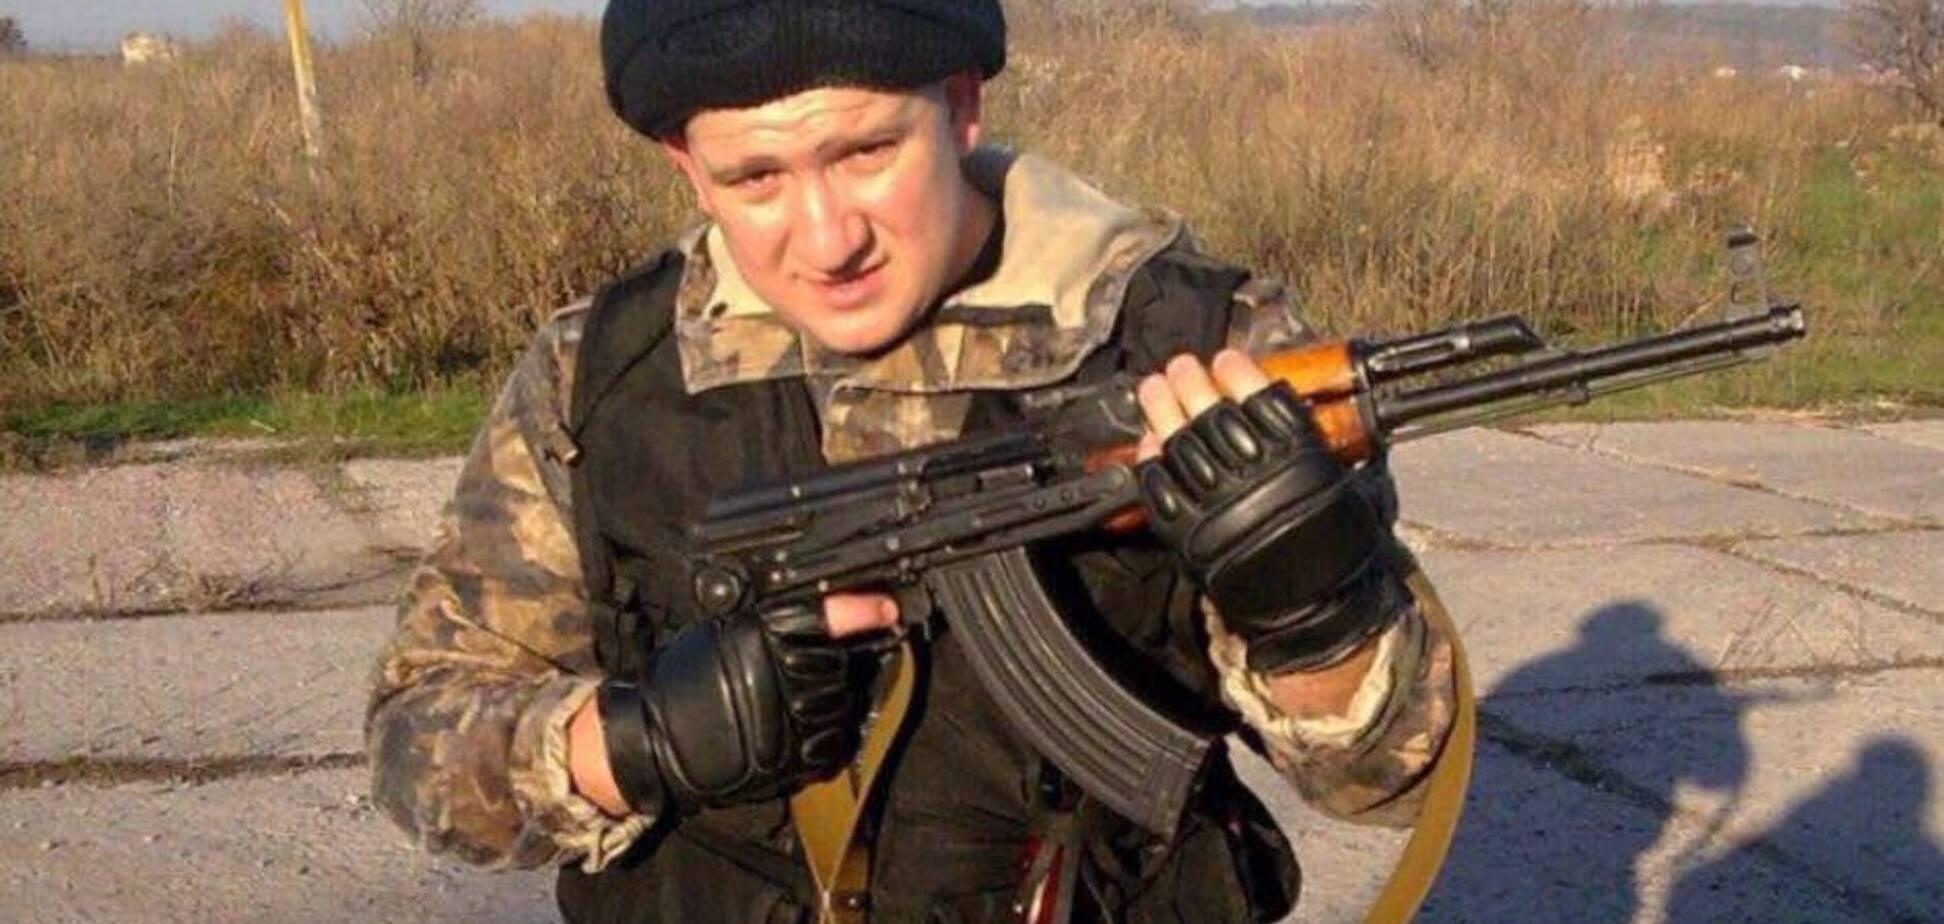 Допомагав окупантам: суд виніс рішення щодо бойовика 'самооборони Криму'